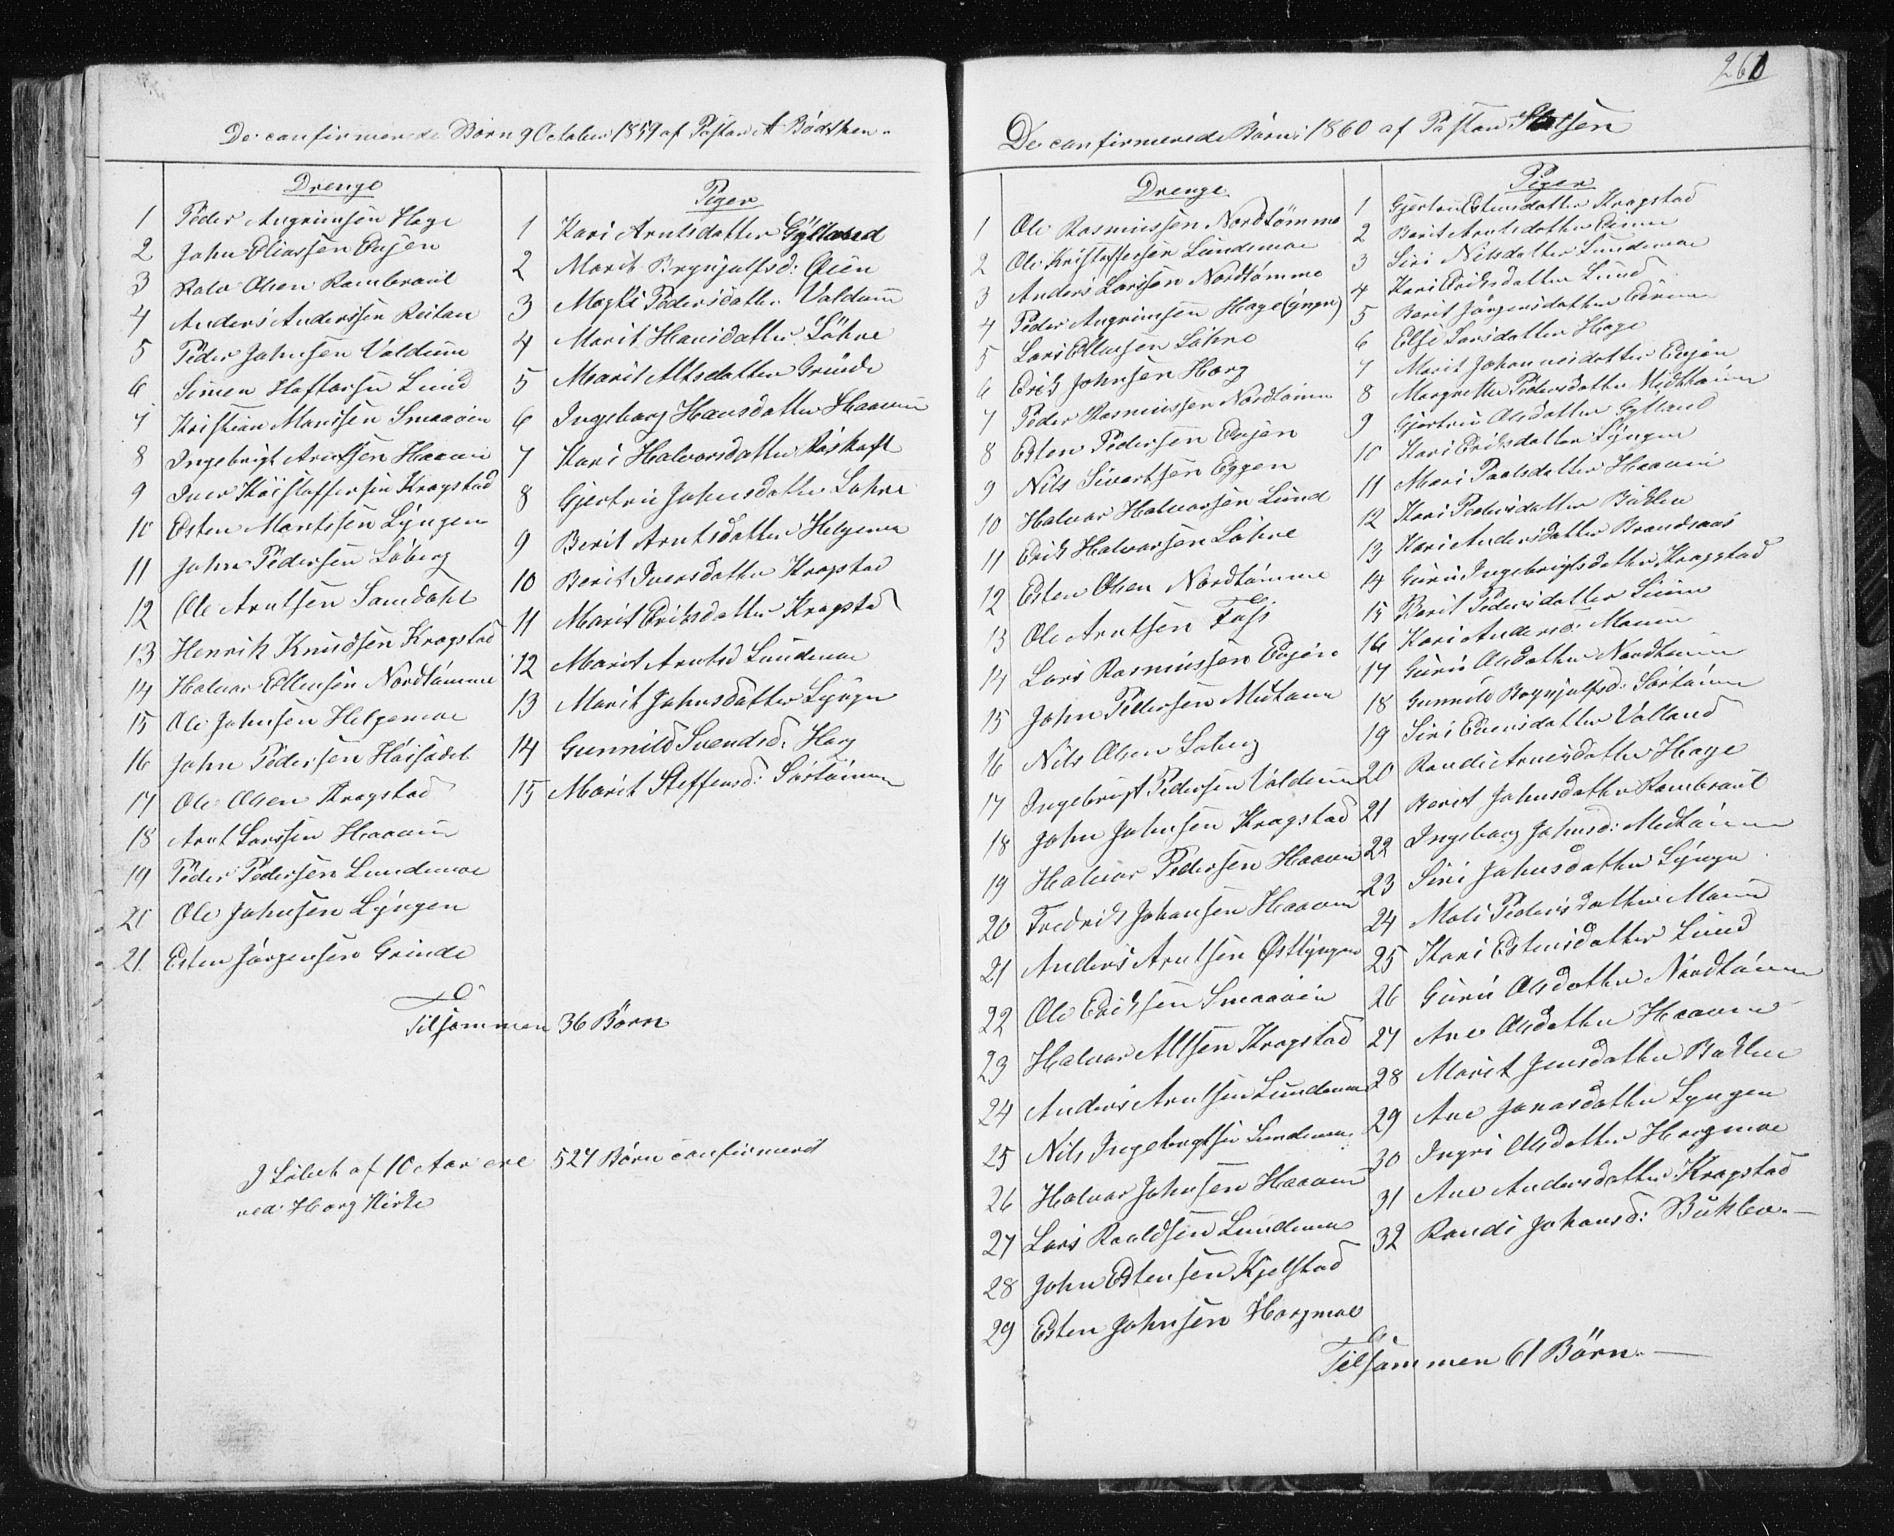 SAT, Ministerialprotokoller, klokkerbøker og fødselsregistre - Sør-Trøndelag, 692/L1110: Klokkerbok nr. 692C05, 1849-1889, s. 260